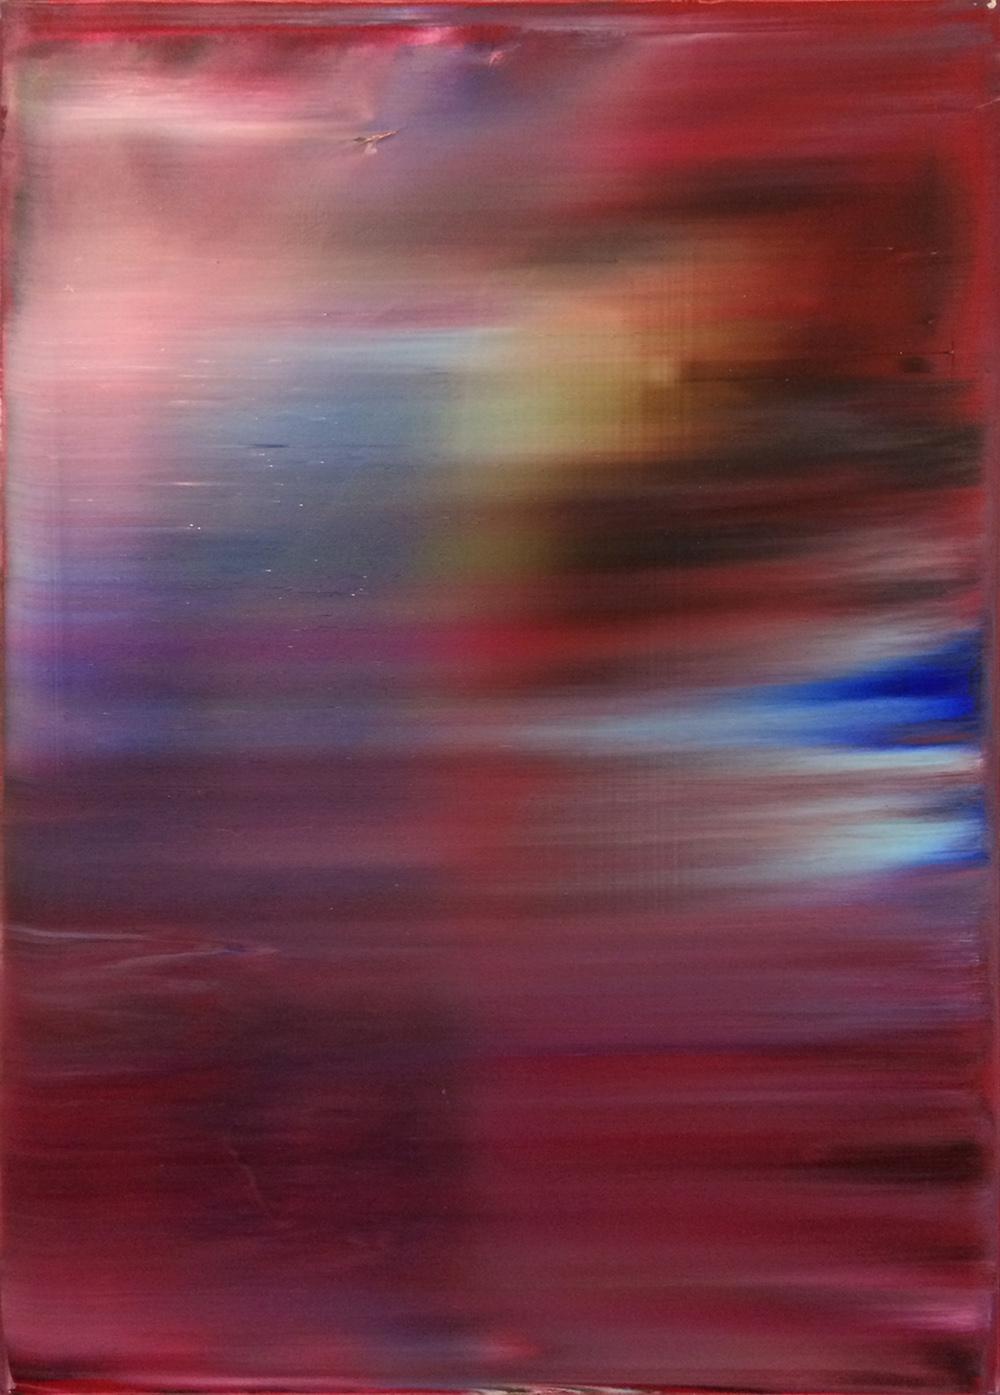 Kuznetsov-Shift-021-92x65-web.jpg